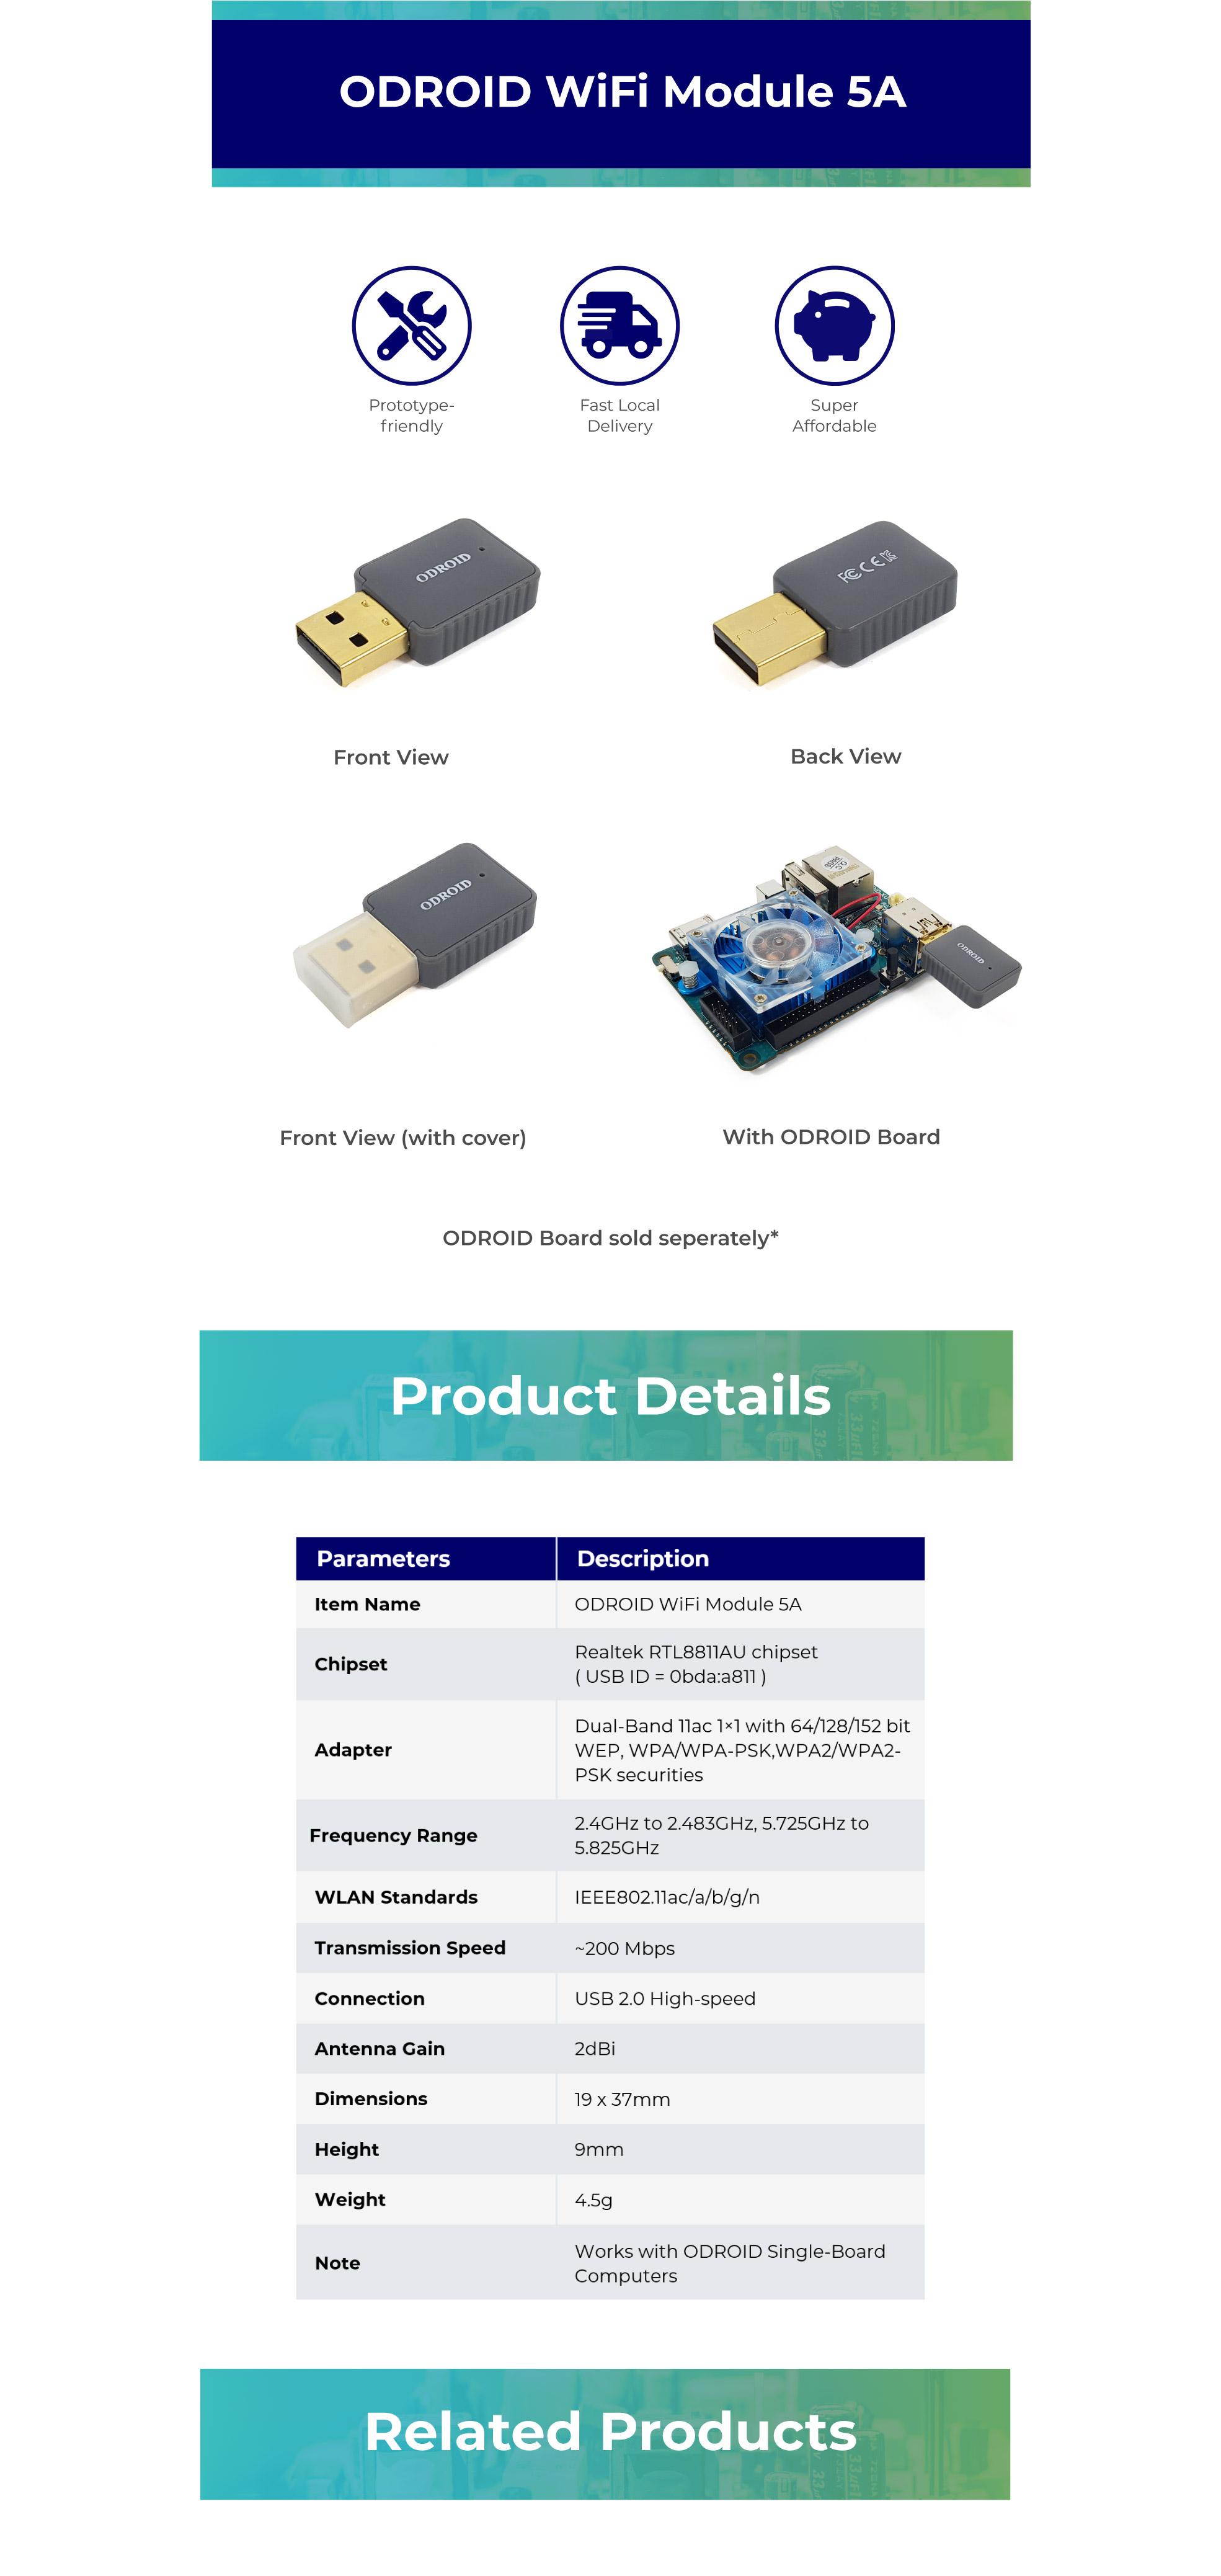 ODROID WiFi Module 5A USB [Wireless] ODROID-C0, ODROID-C1+, ODROID-C2,  ODROID-H2, ODROID-HC1, ODROID-HC2, ODROID-MC1, ODROID-N2, ODROID-XU4,